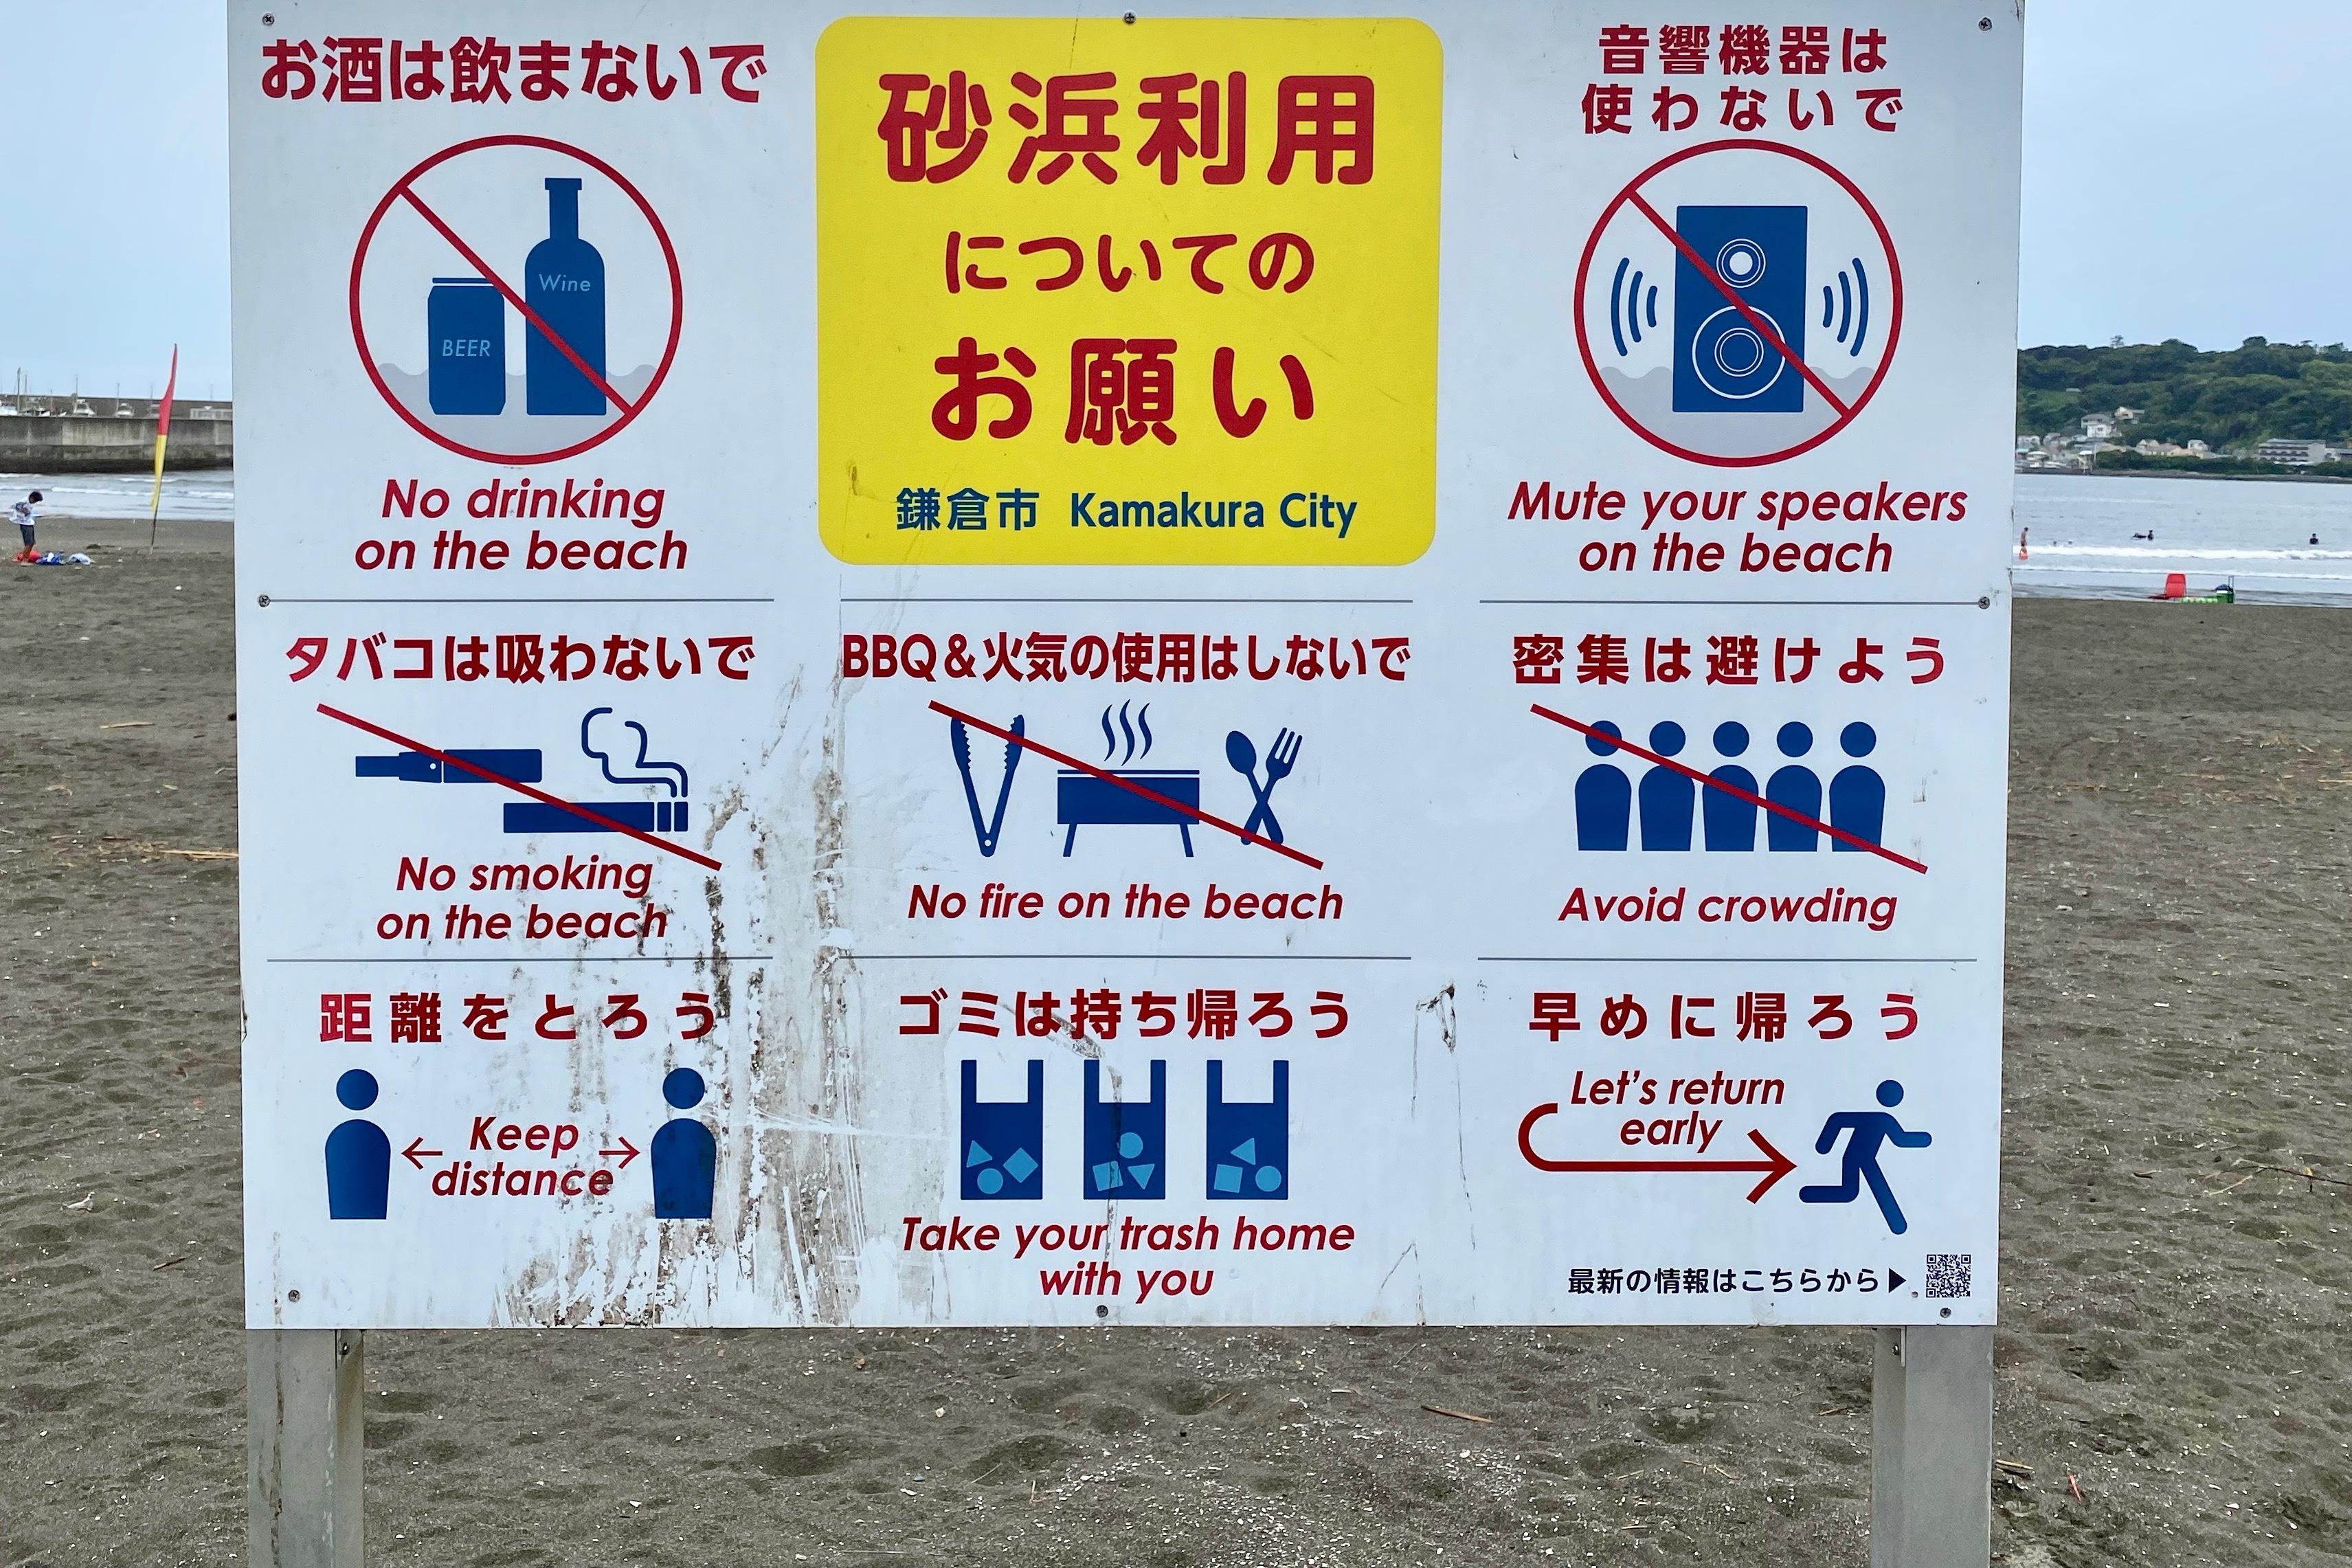 鎌倉市からの注意(腰越海水浴場)